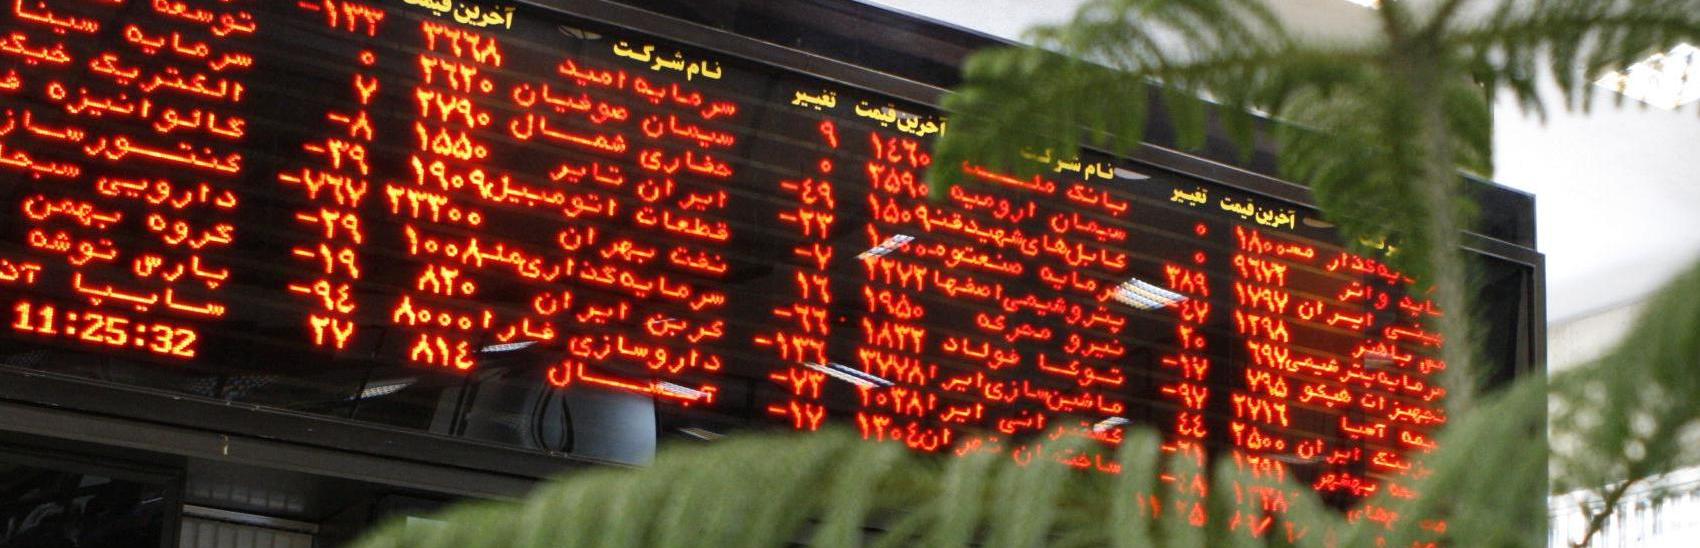 معامله 15 نوع ماده پتروشیمی در بورس کالای ایران